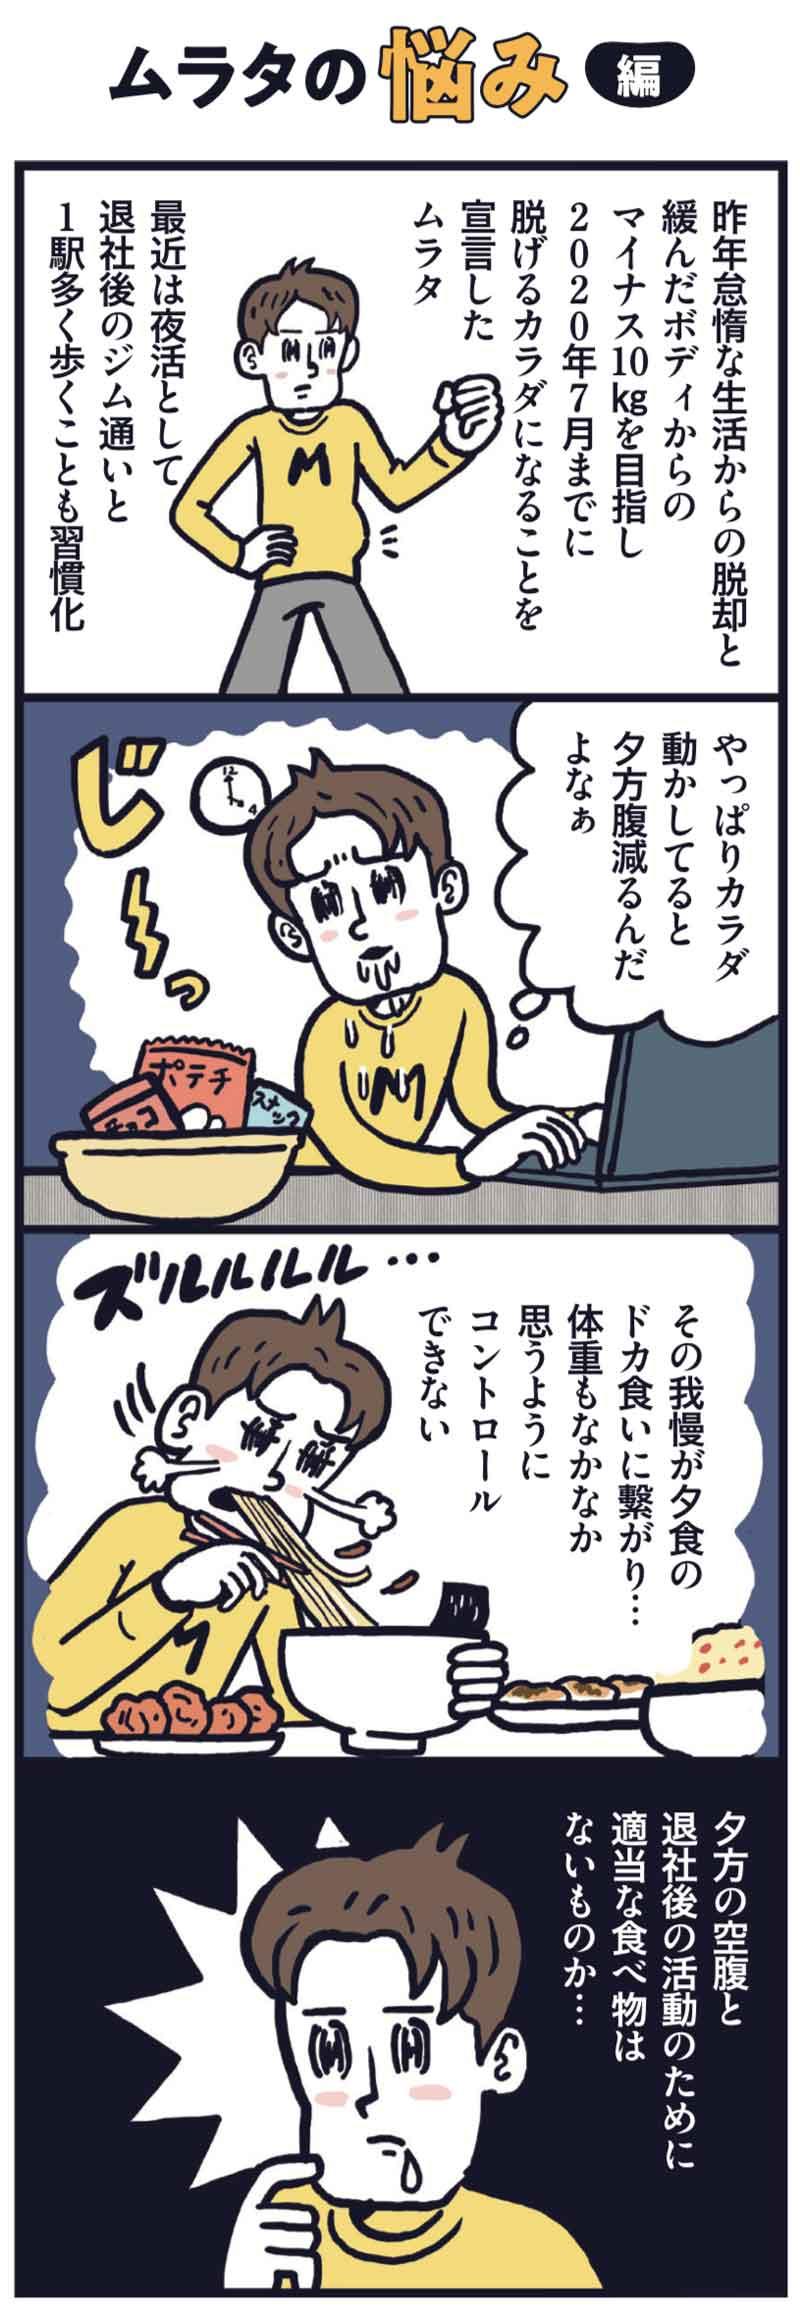 マンガ「ムラタの悩み編」